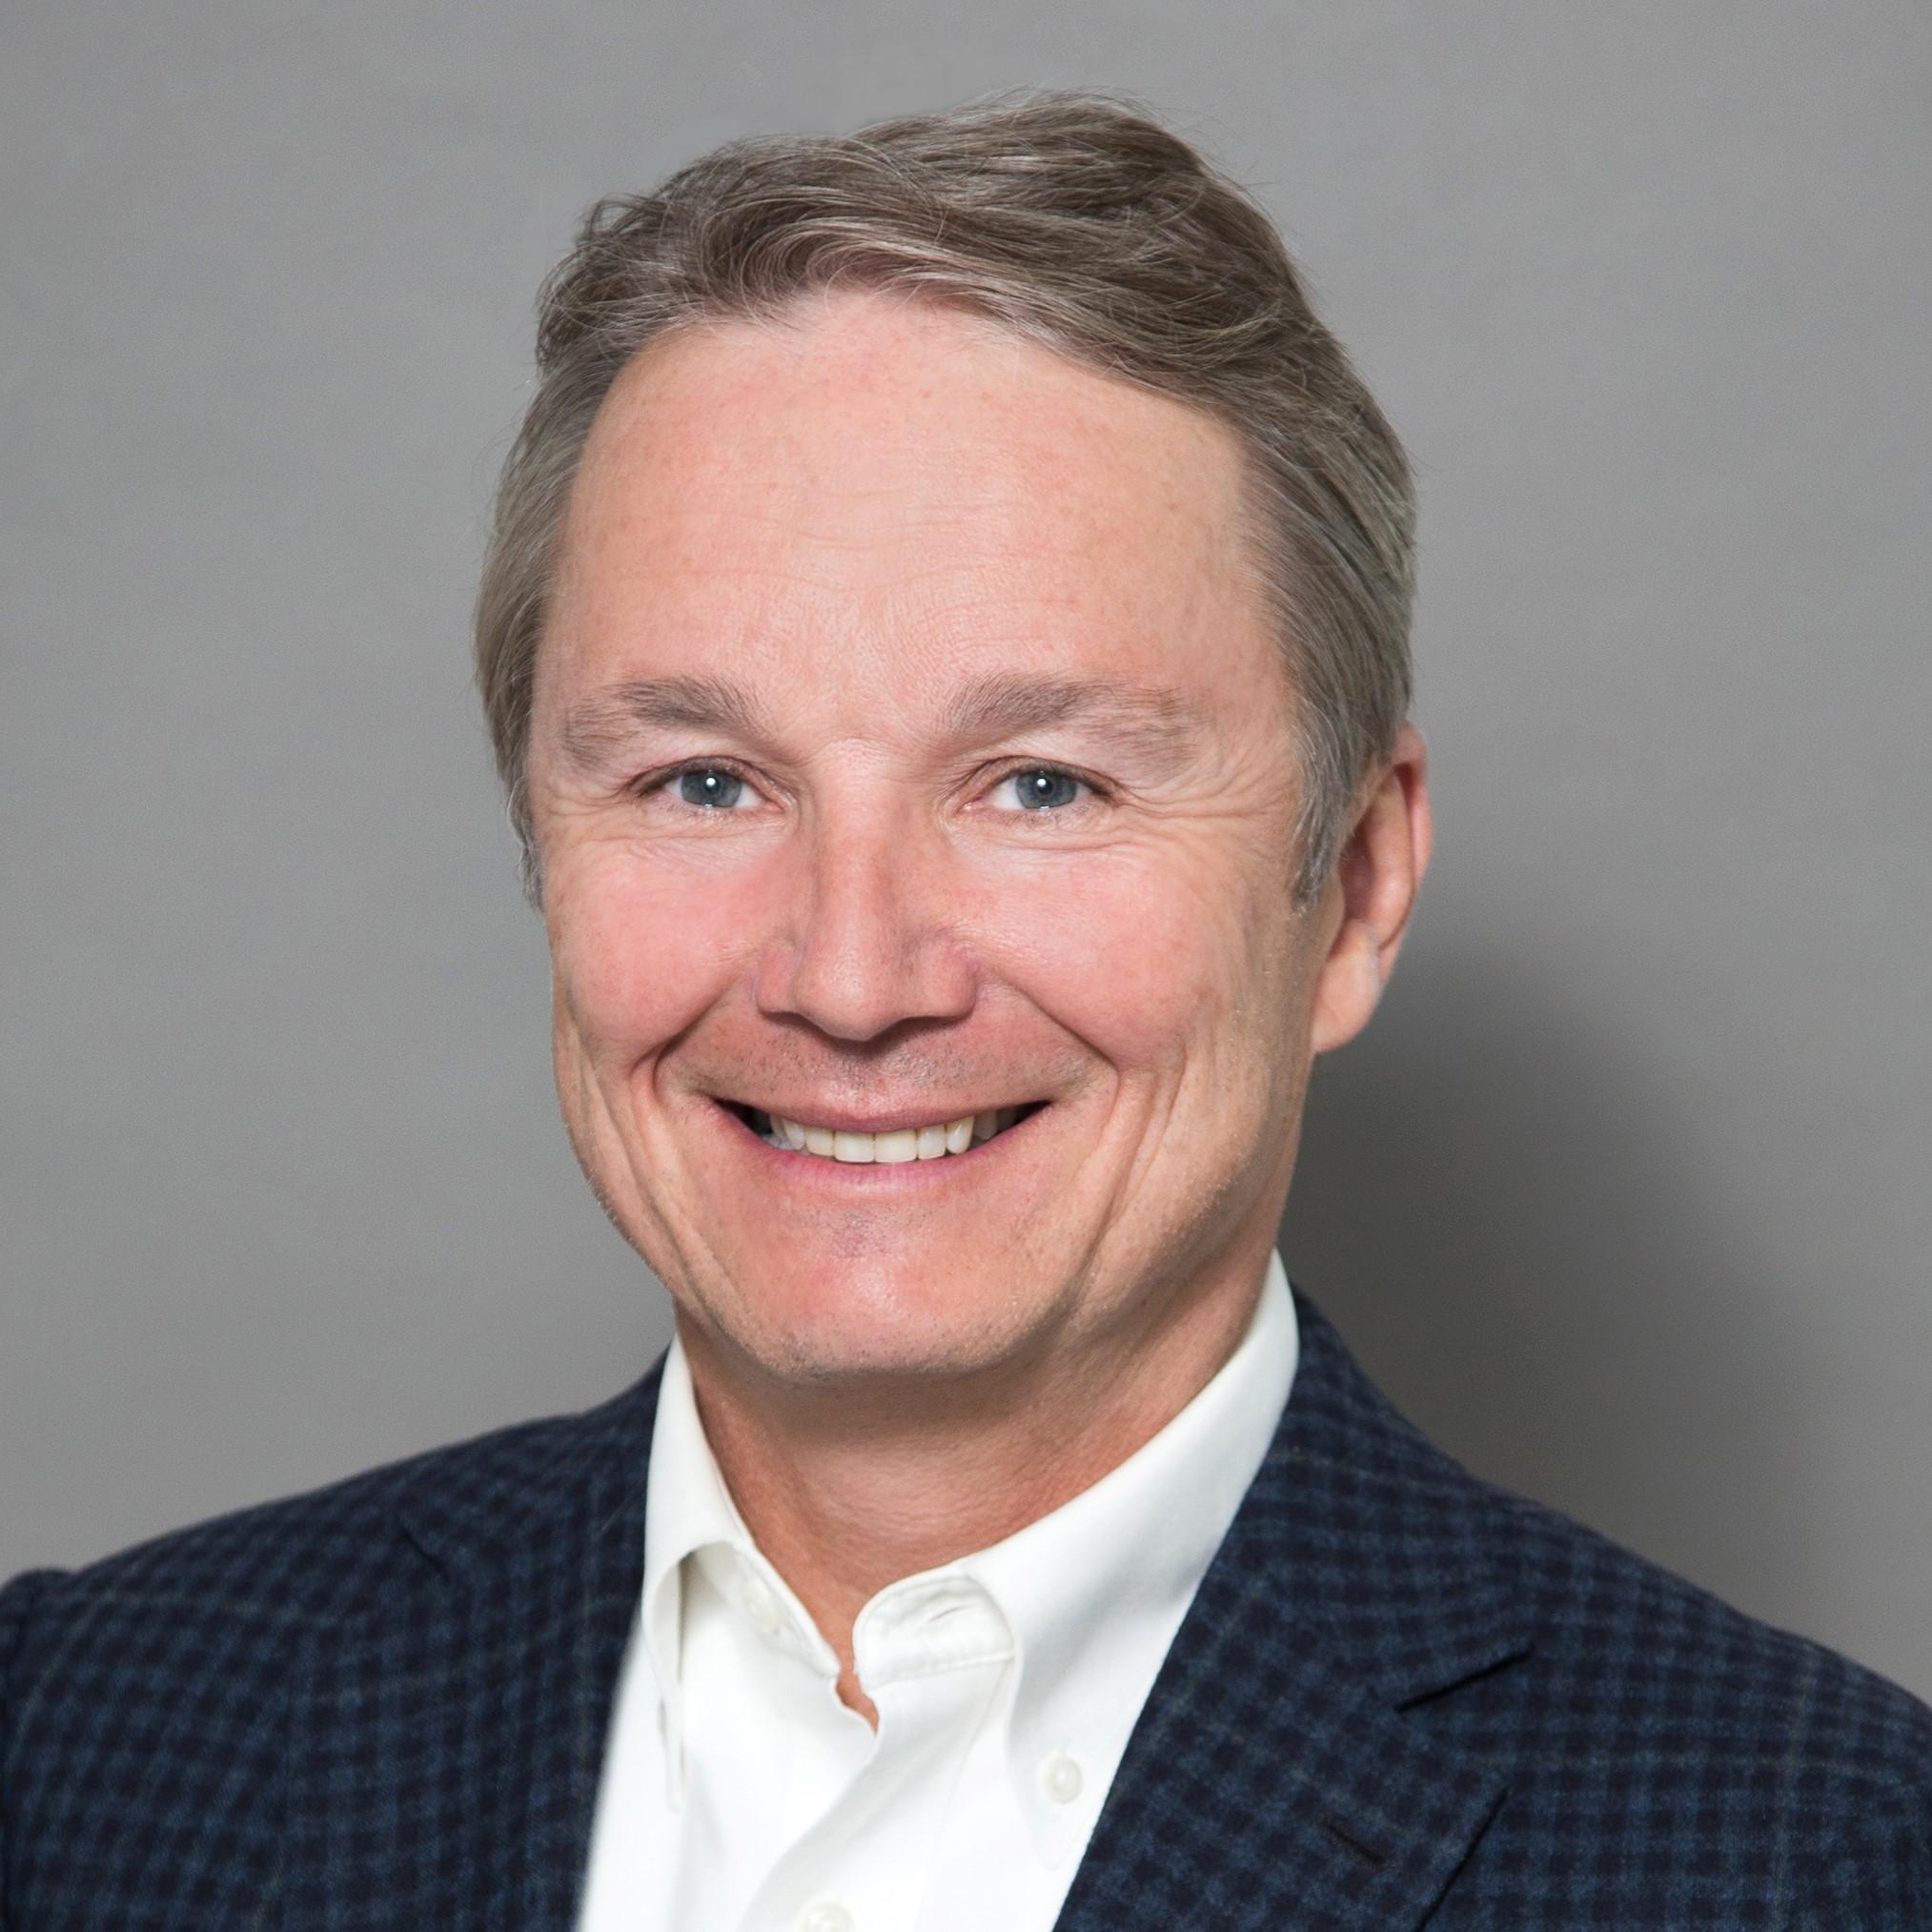 David Lahey, MBA